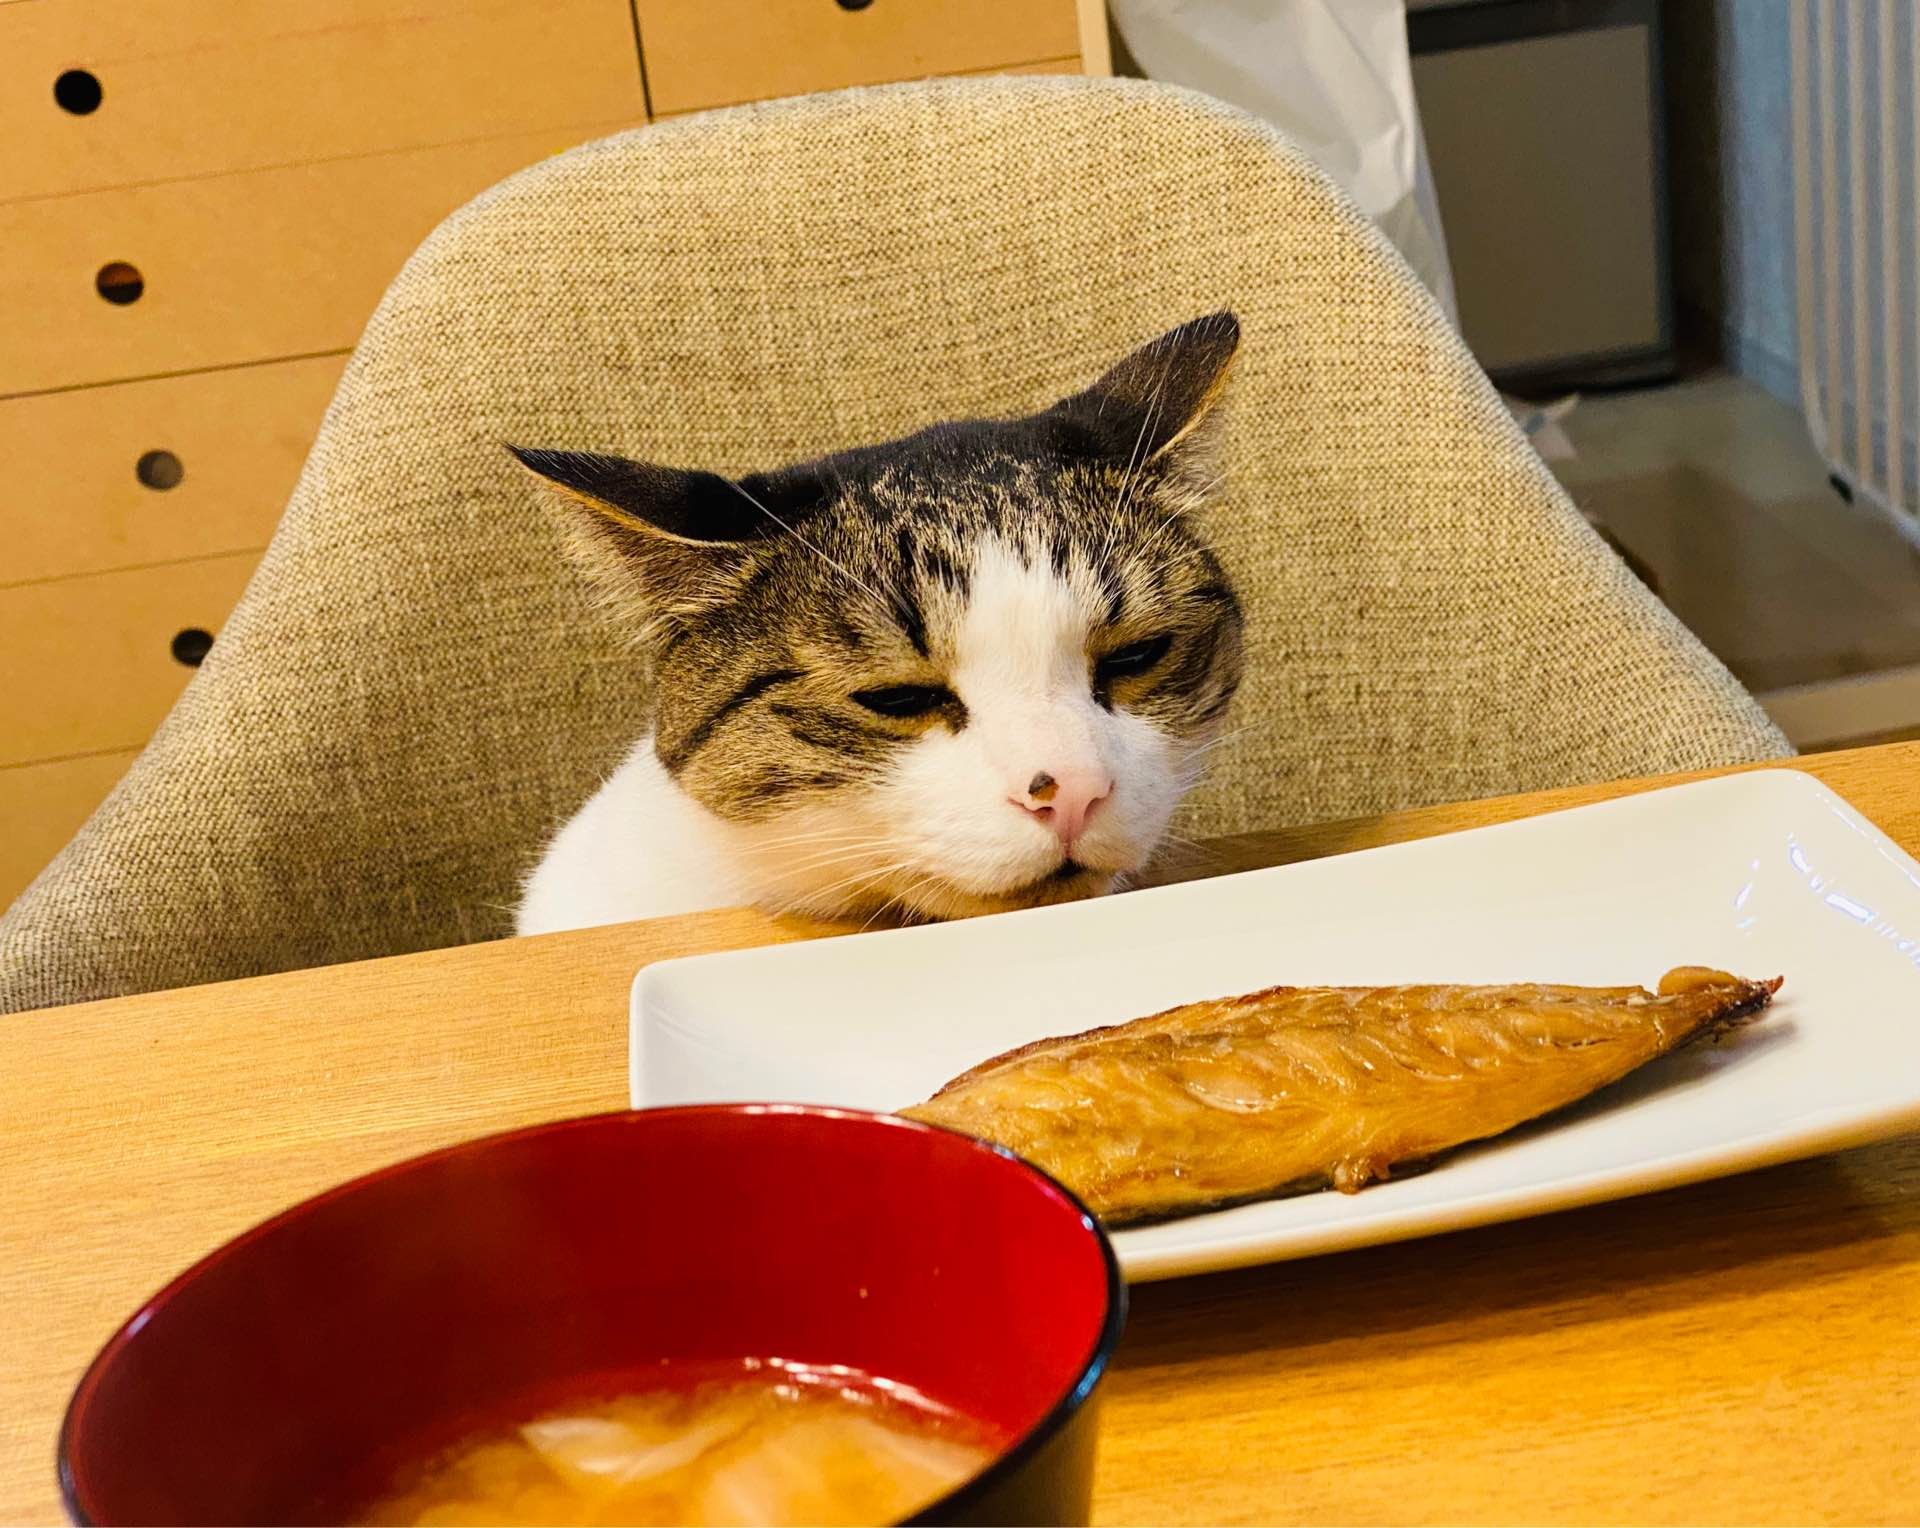 それぞれの思いが交差!?魚を狙う猫とシャッターチャンスを狙うガッチさんww